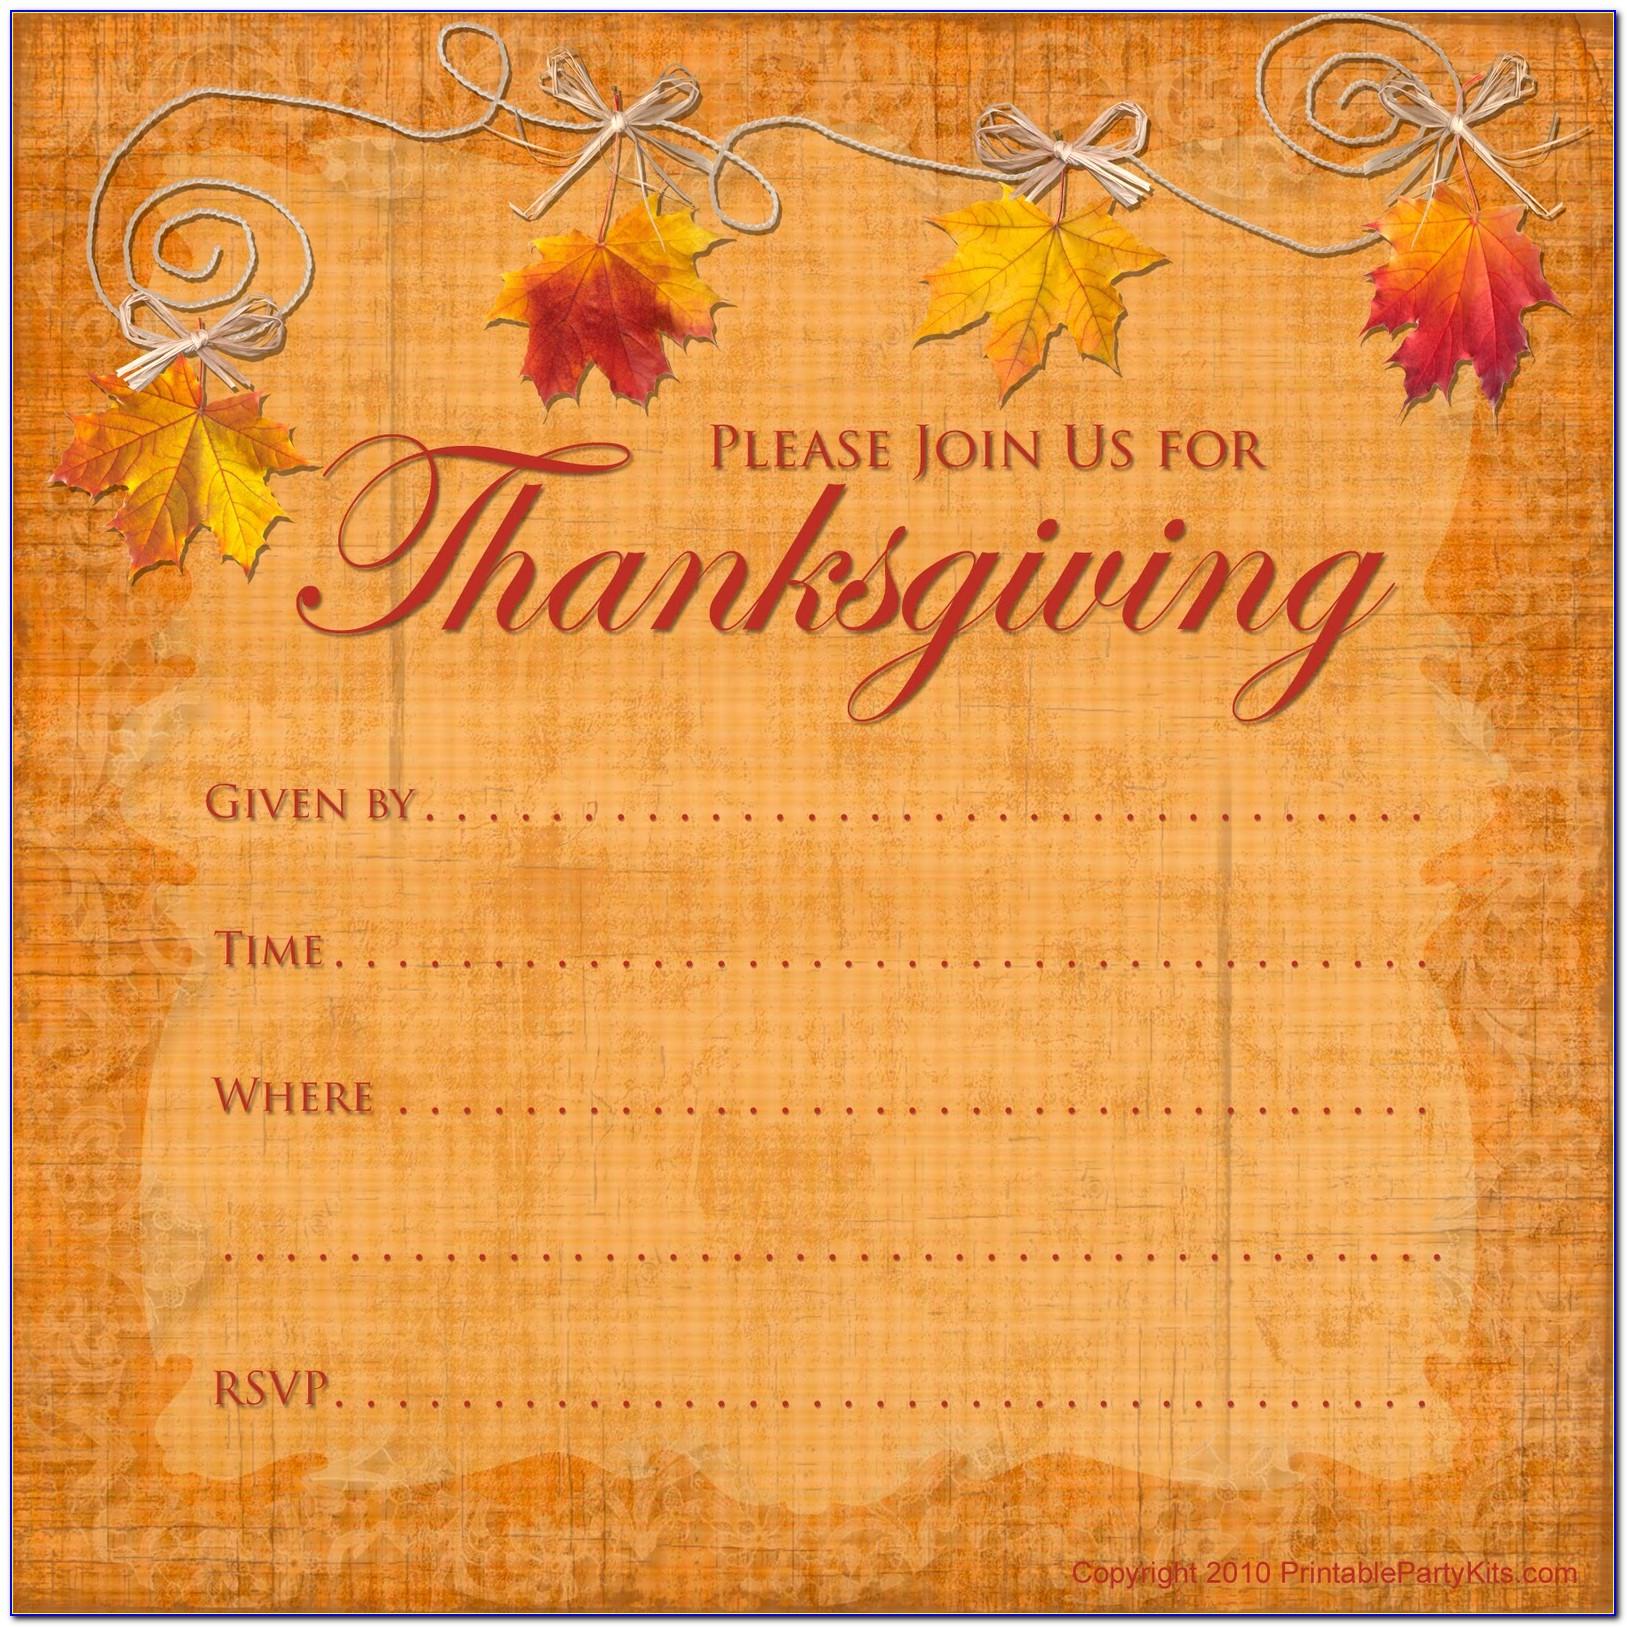 Thanksgiving Potluck Dinner Invitation Wording